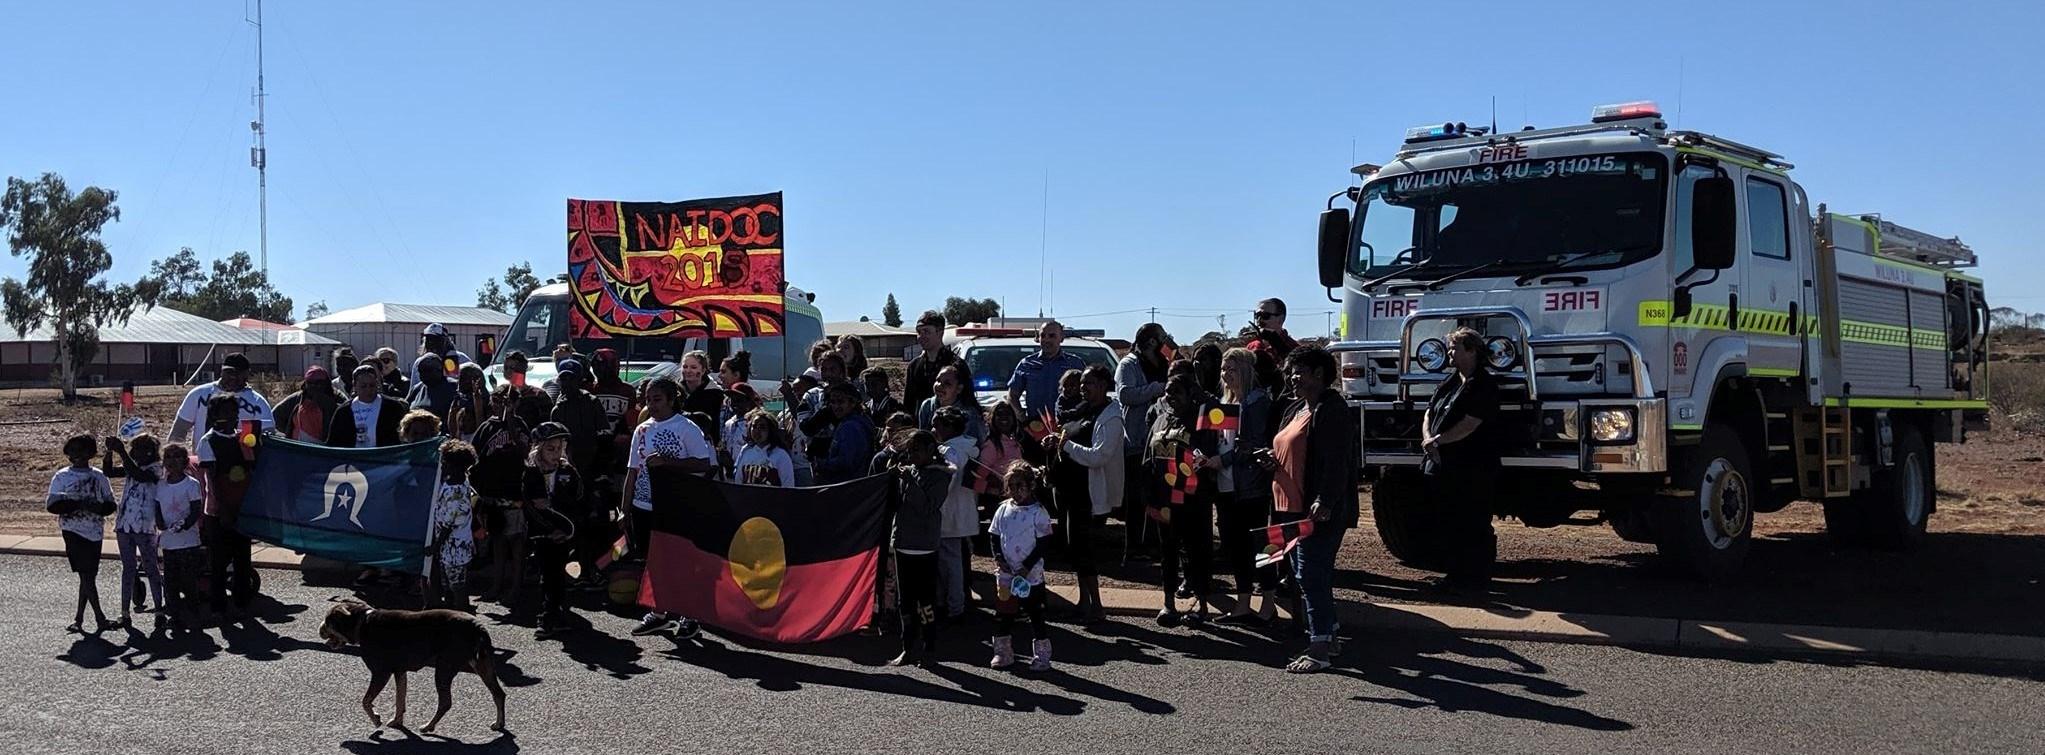 Wiluna Volunteer Bush Fire Brigade 3.4U escorting the Wiluna Remote Community School on a march for NAIDOC Week 2019. Photo Facebook